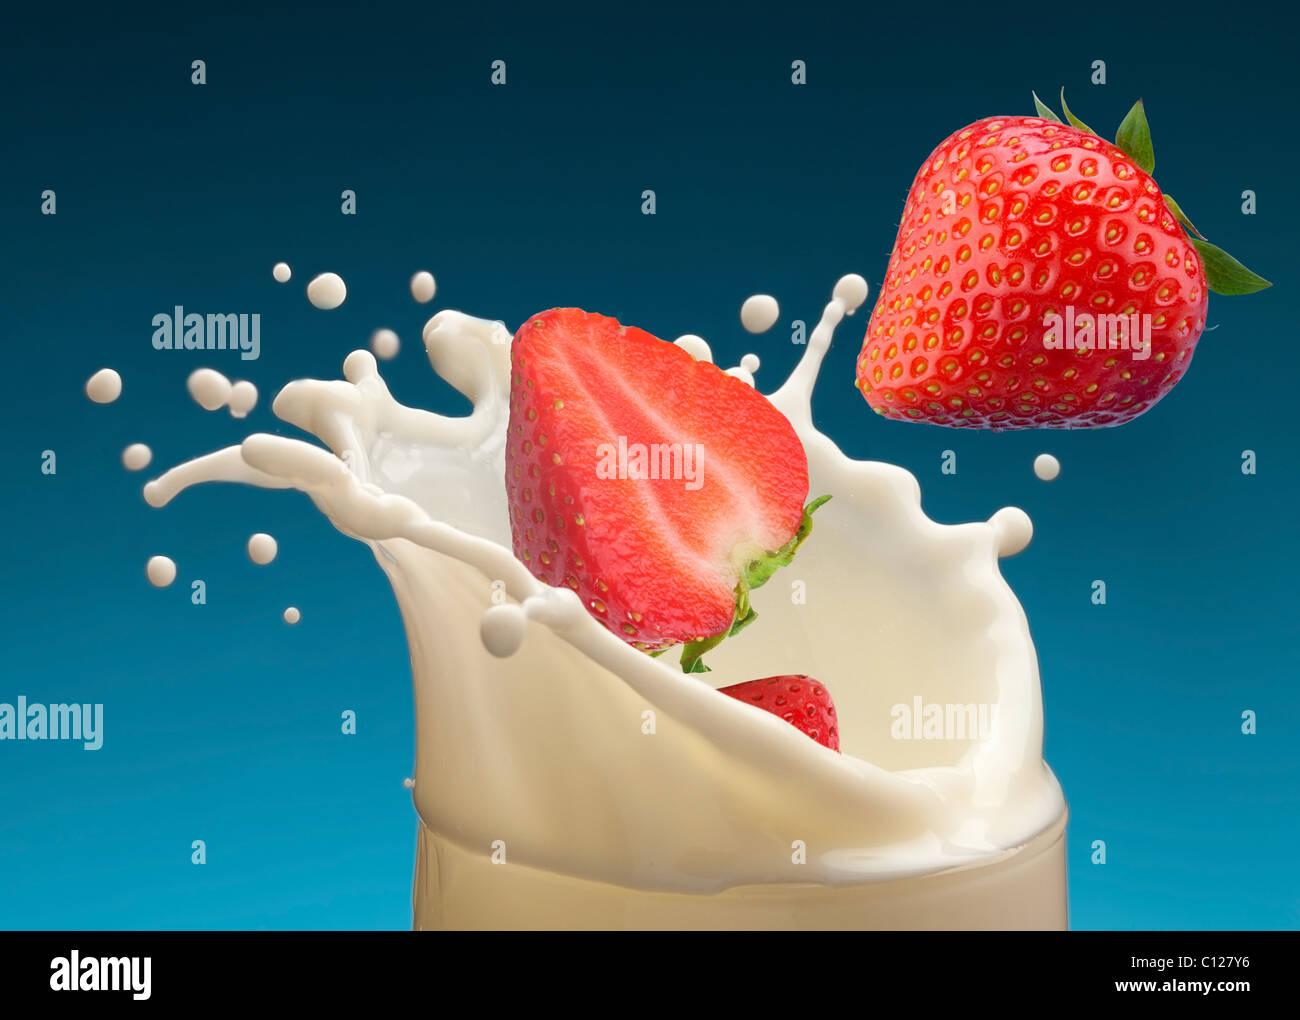 Salpicadura de leche, causadas por la caída en una fresa madura. Aislado sobre un fondo azul. Imagen De Stock